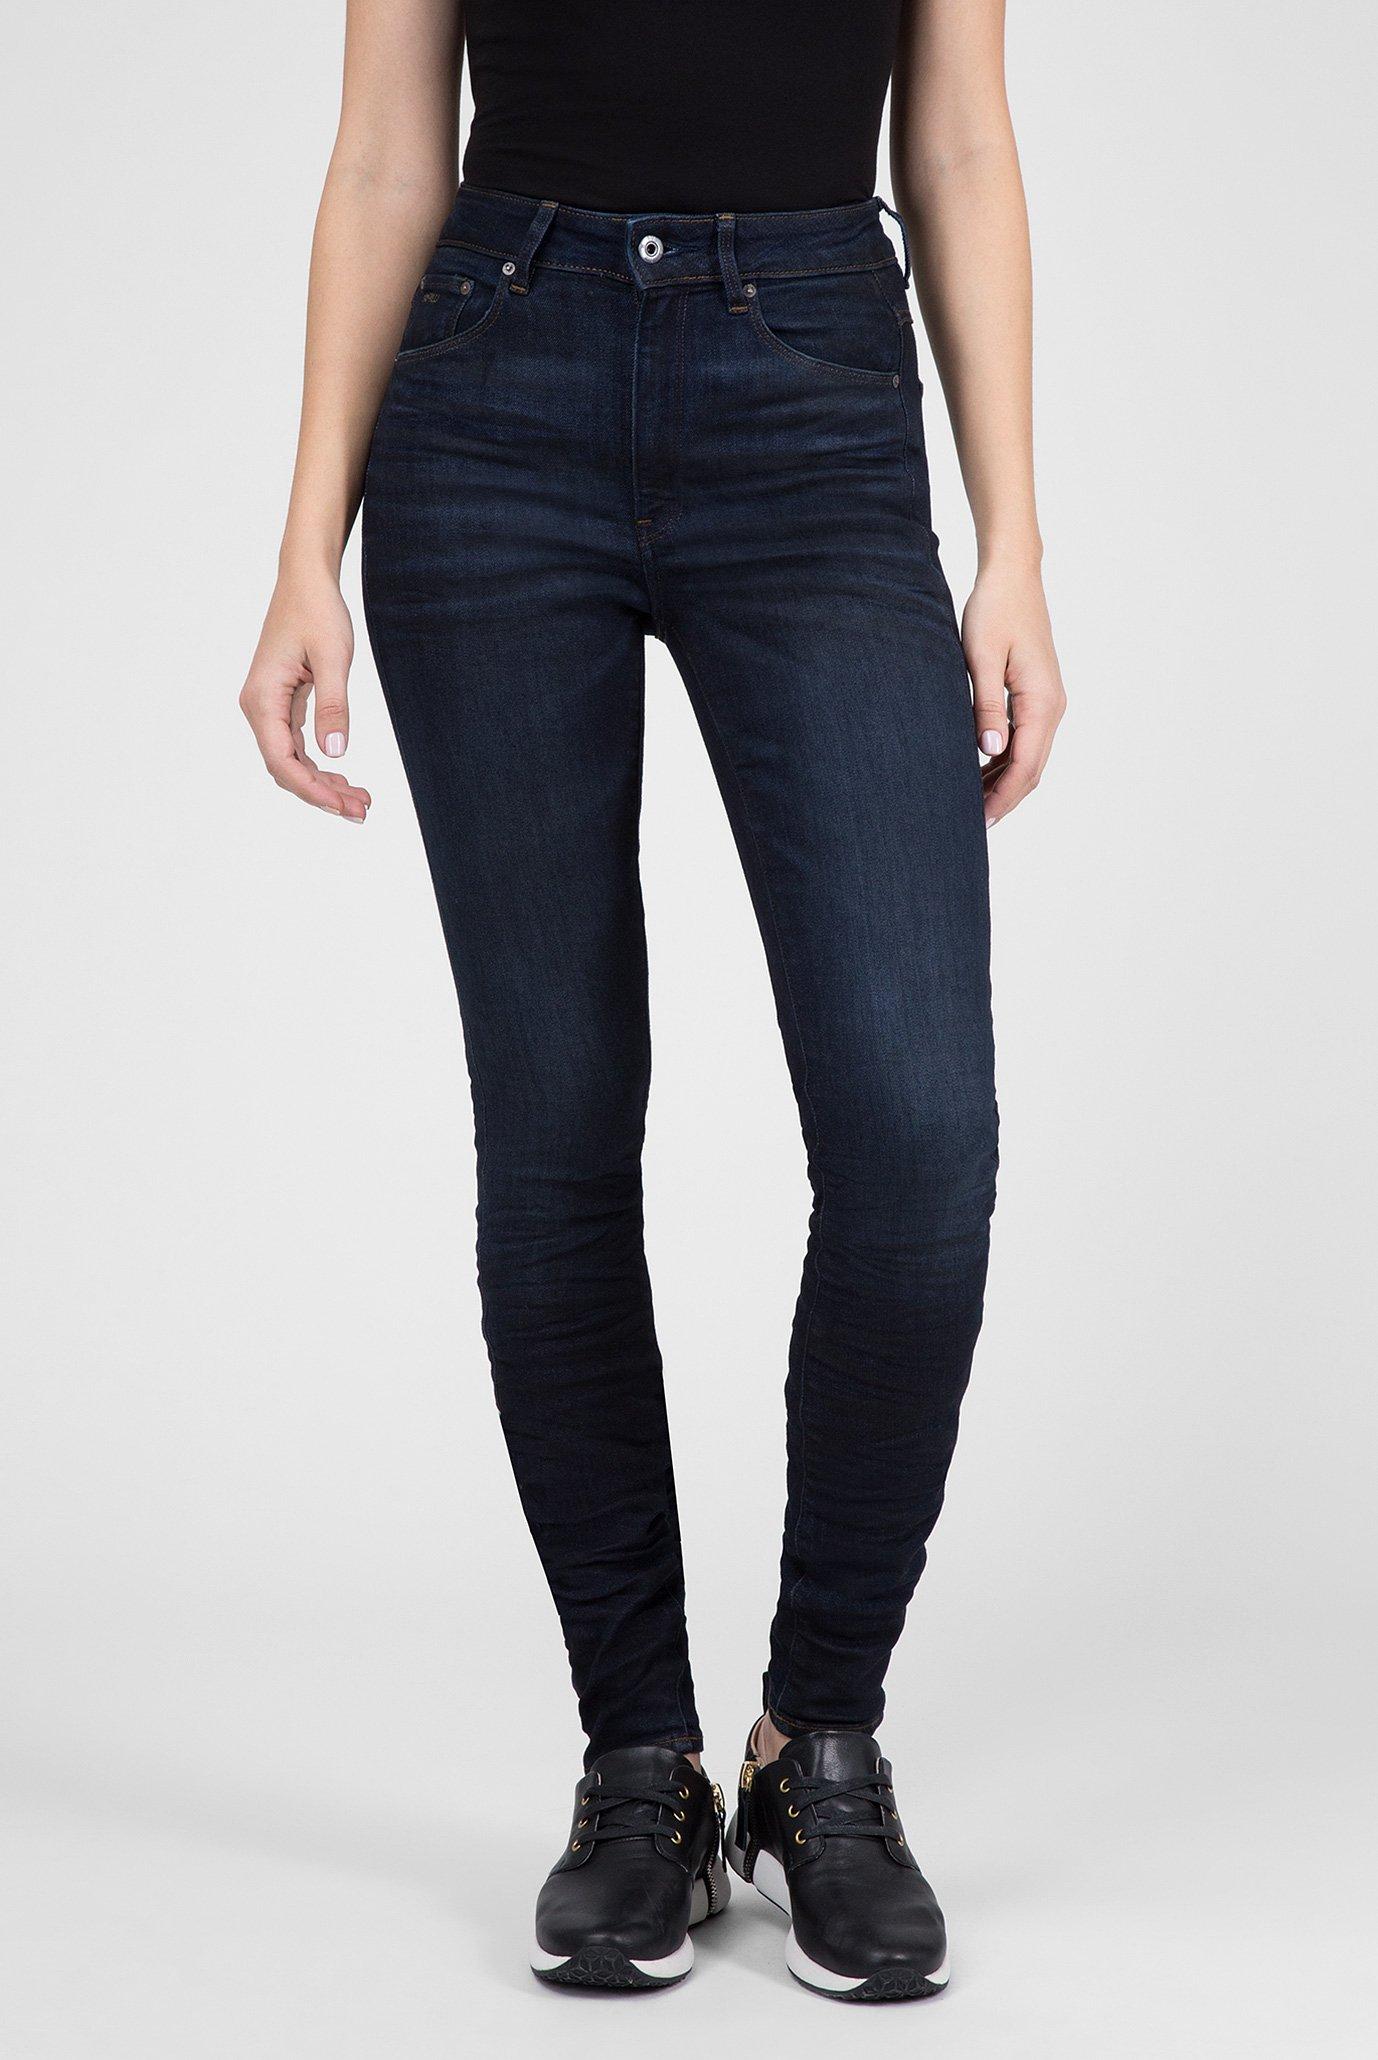 Купить  Женские темно-синие джинсы 3301 Ultra High Skinny NEW G-Star RAW G-Star RAW D05181,8968 – Киев, Украина. Цены в интернет магазине MD Fashion